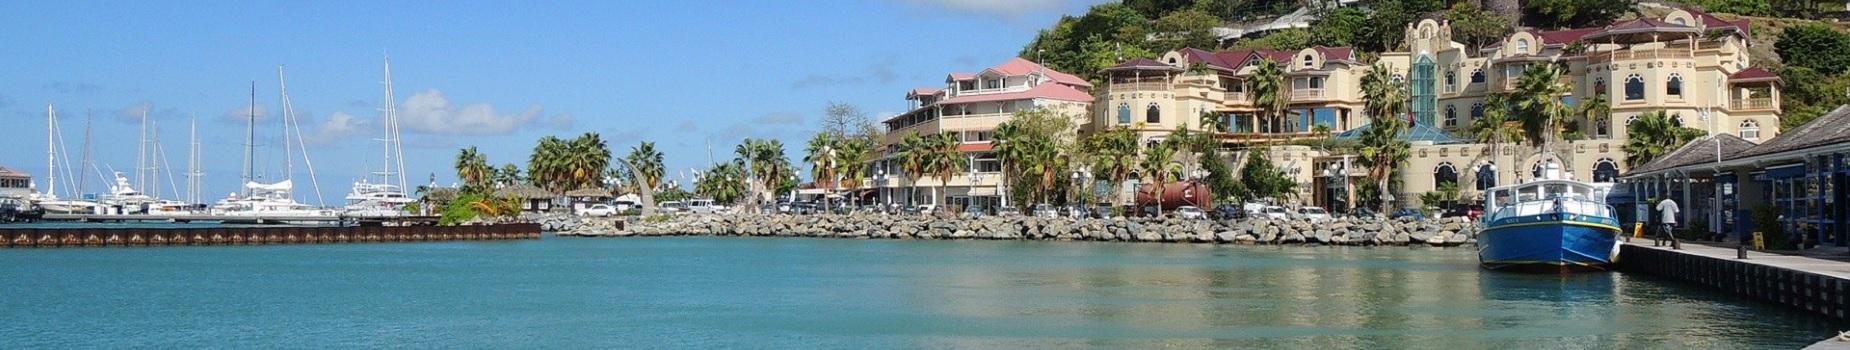 Vliegvelden St. Maarten